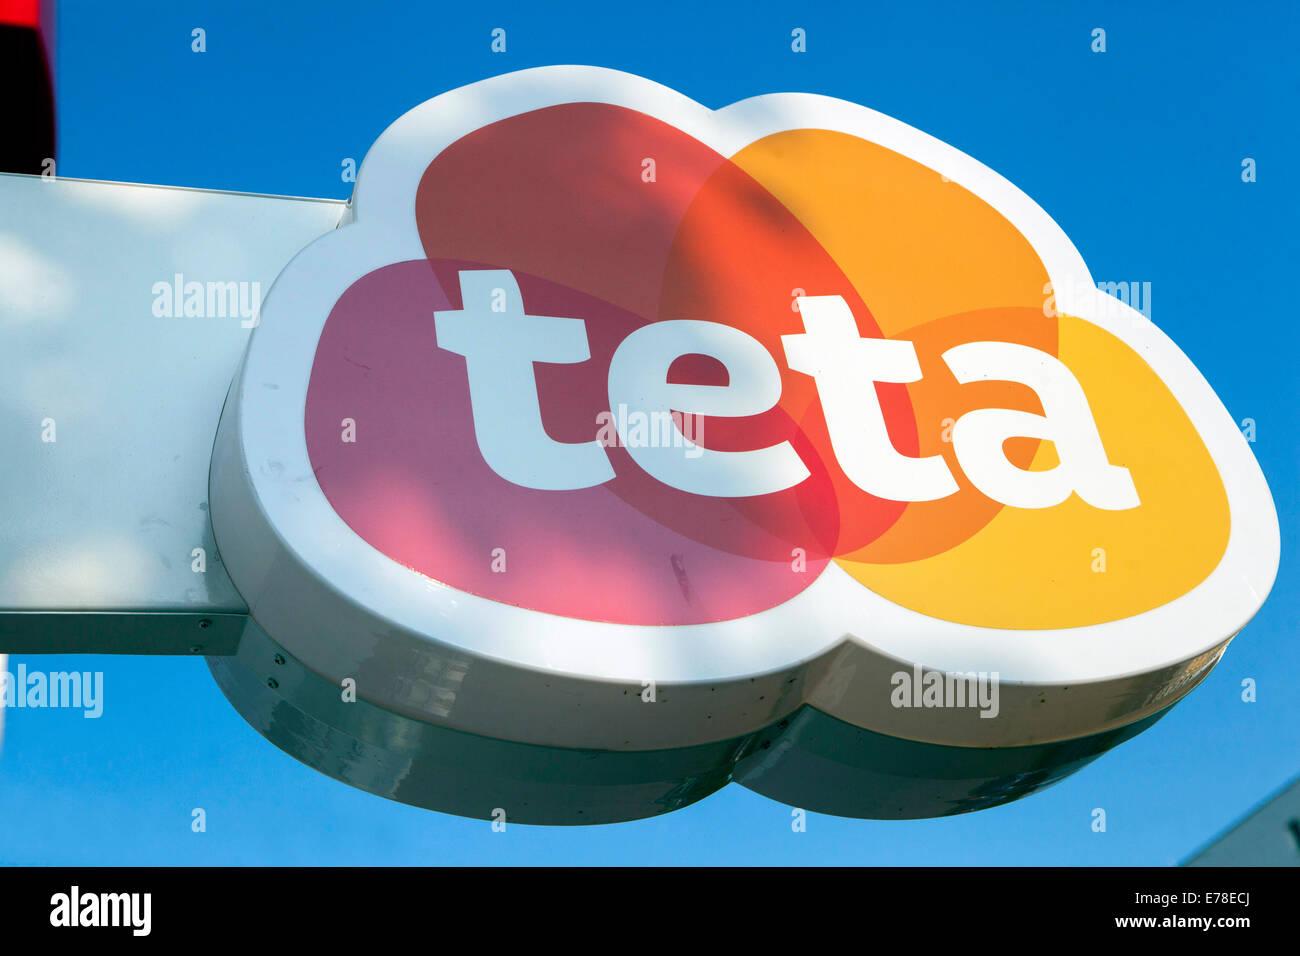 Teta perfumery logo sign Stock Photo